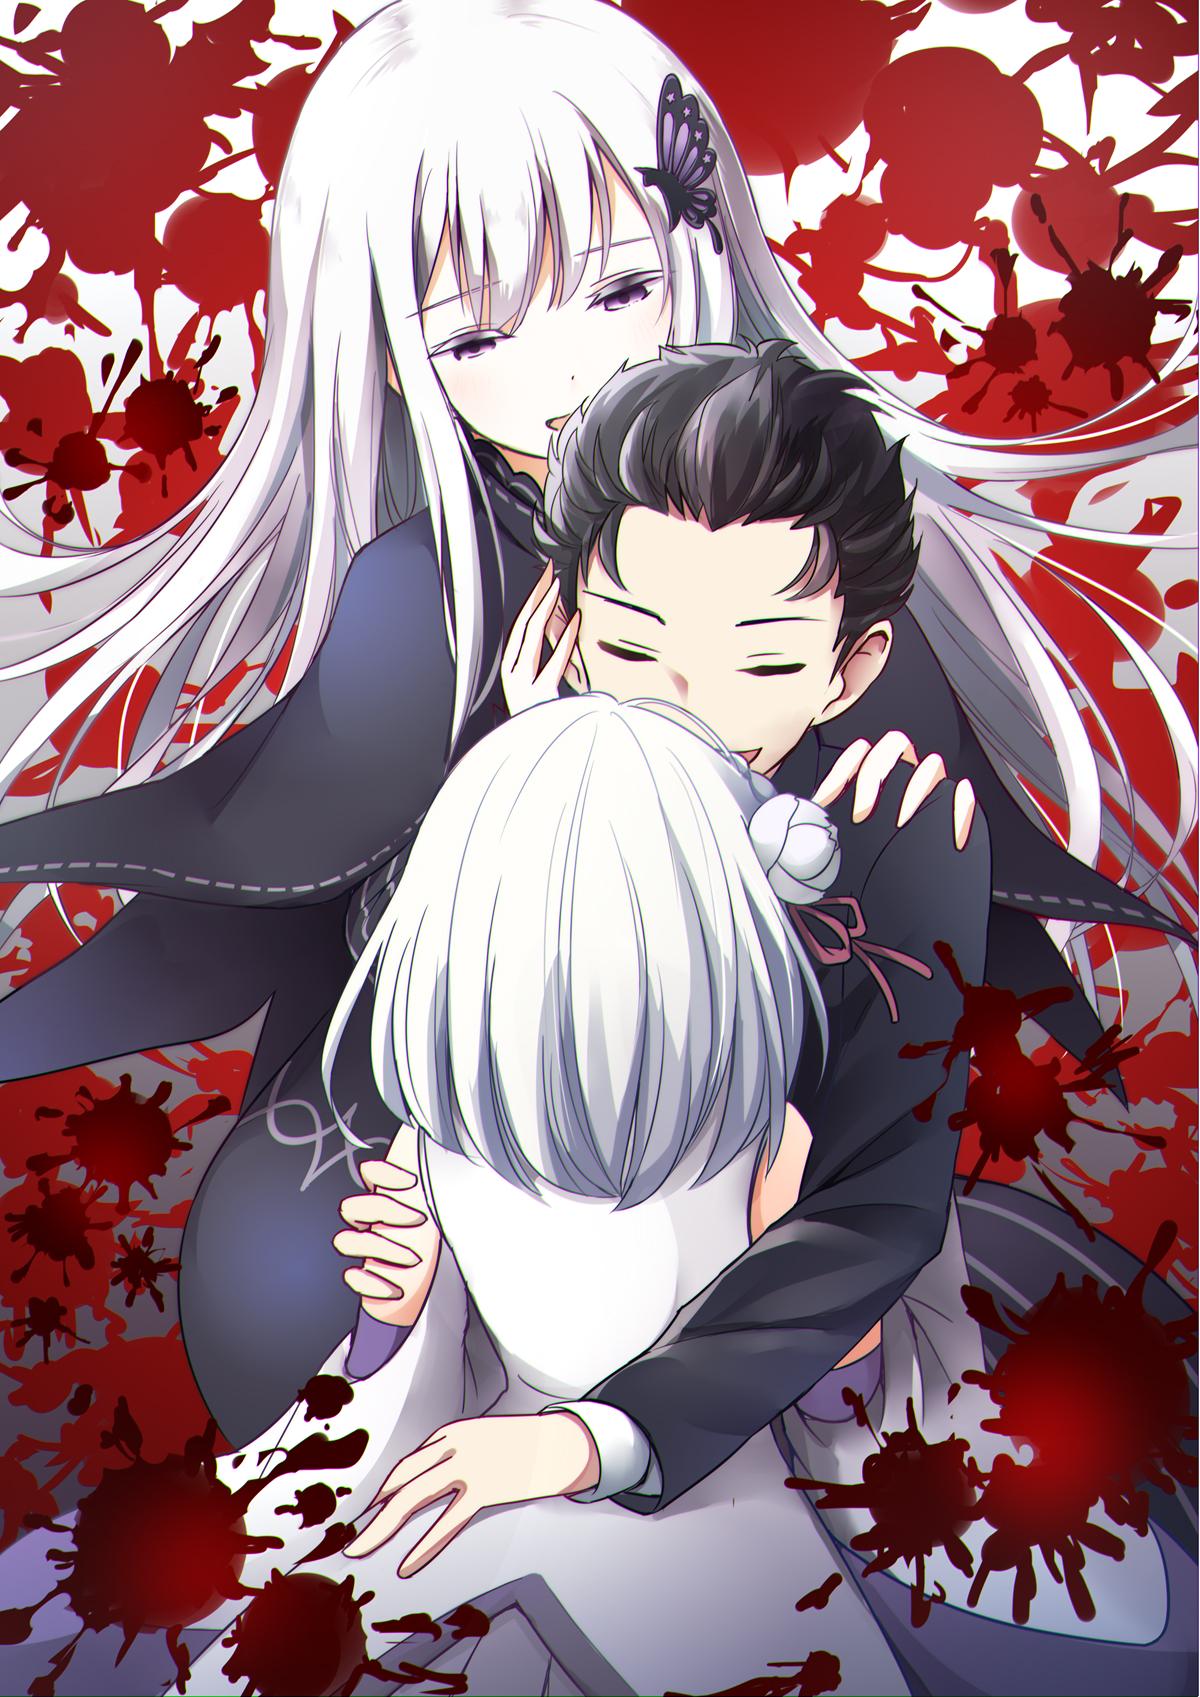 emilia and natsuki subaru (re:zero kara hajimeru isekai